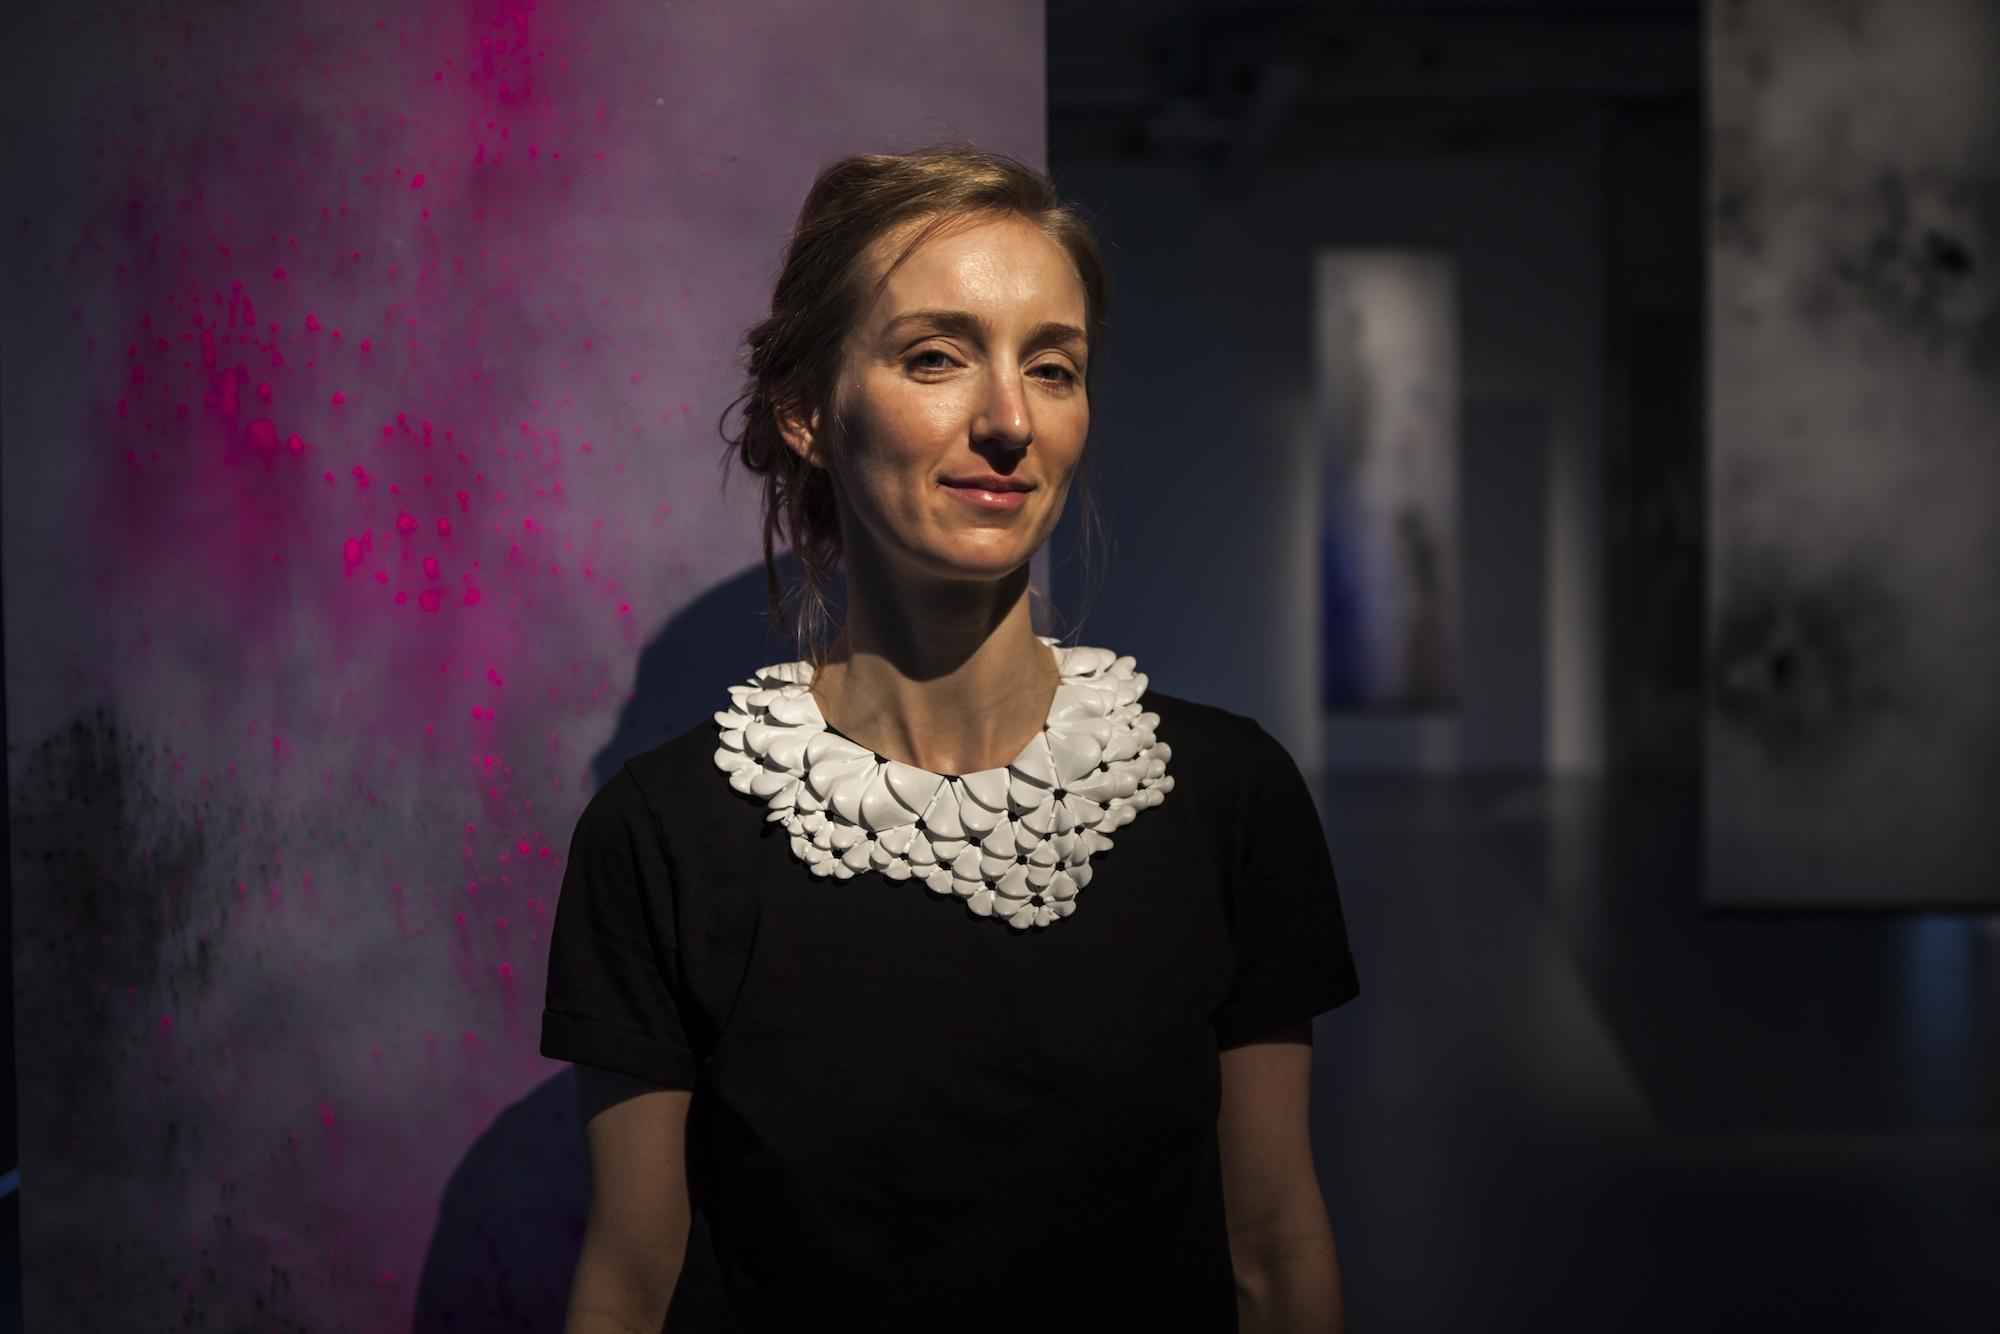 Die Künstlerin, die Drohnen für sich malen lässt: Addie Wagenknecht vor einem Drohnen-Action Painting.